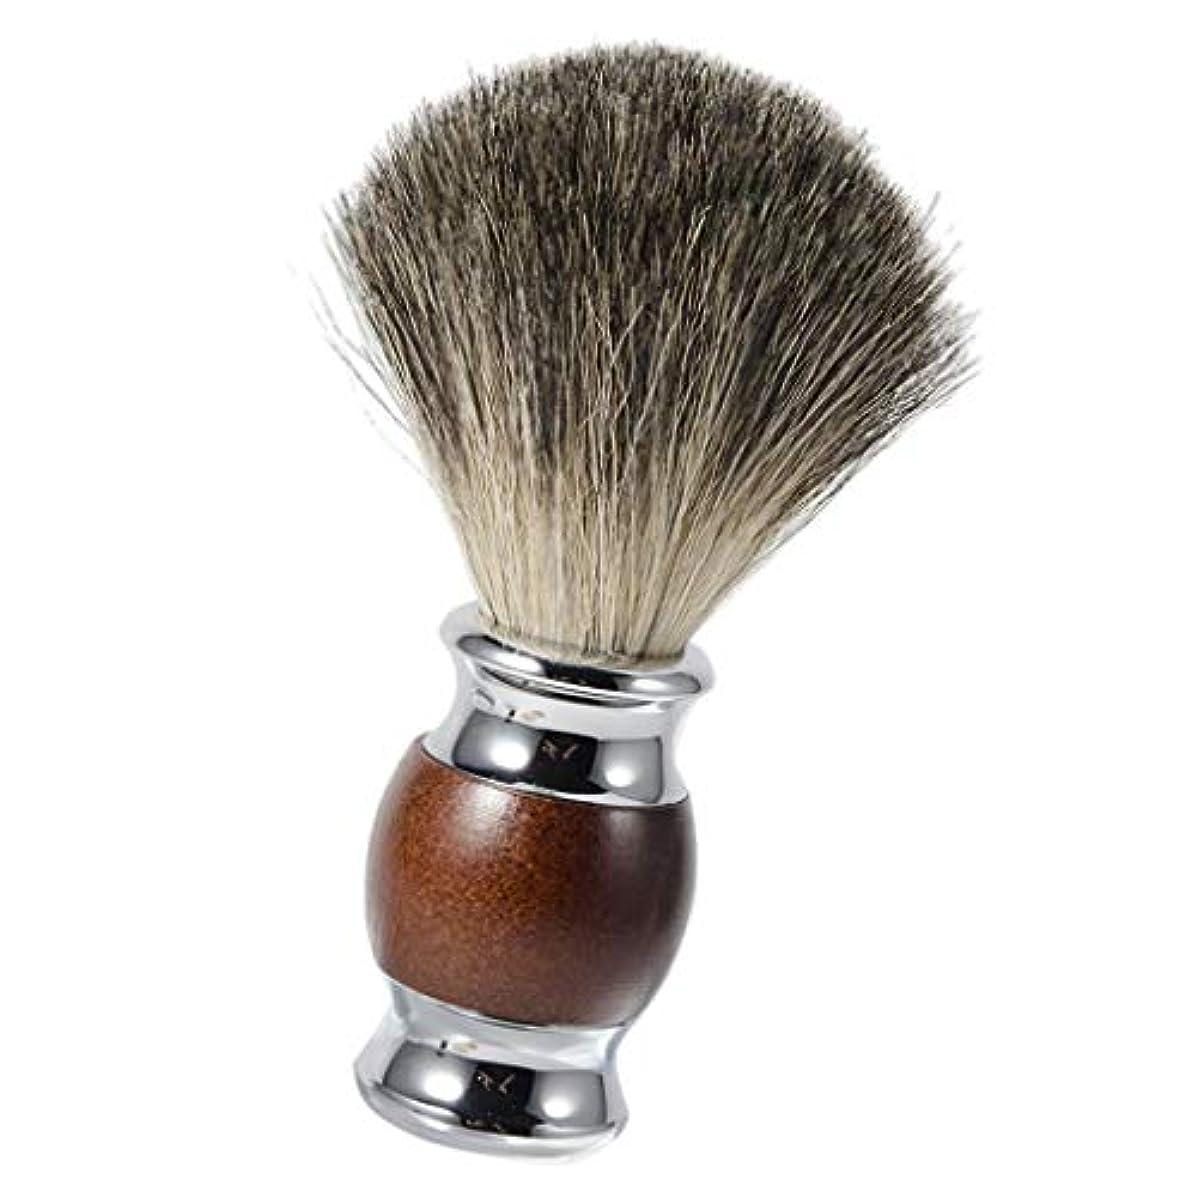 いっぱい電圧雹sharprepublic メンズ用 髭剃り ブラシ シェービングブラシ 木製ハンドル 理容 洗顔 髭剃り ギフト